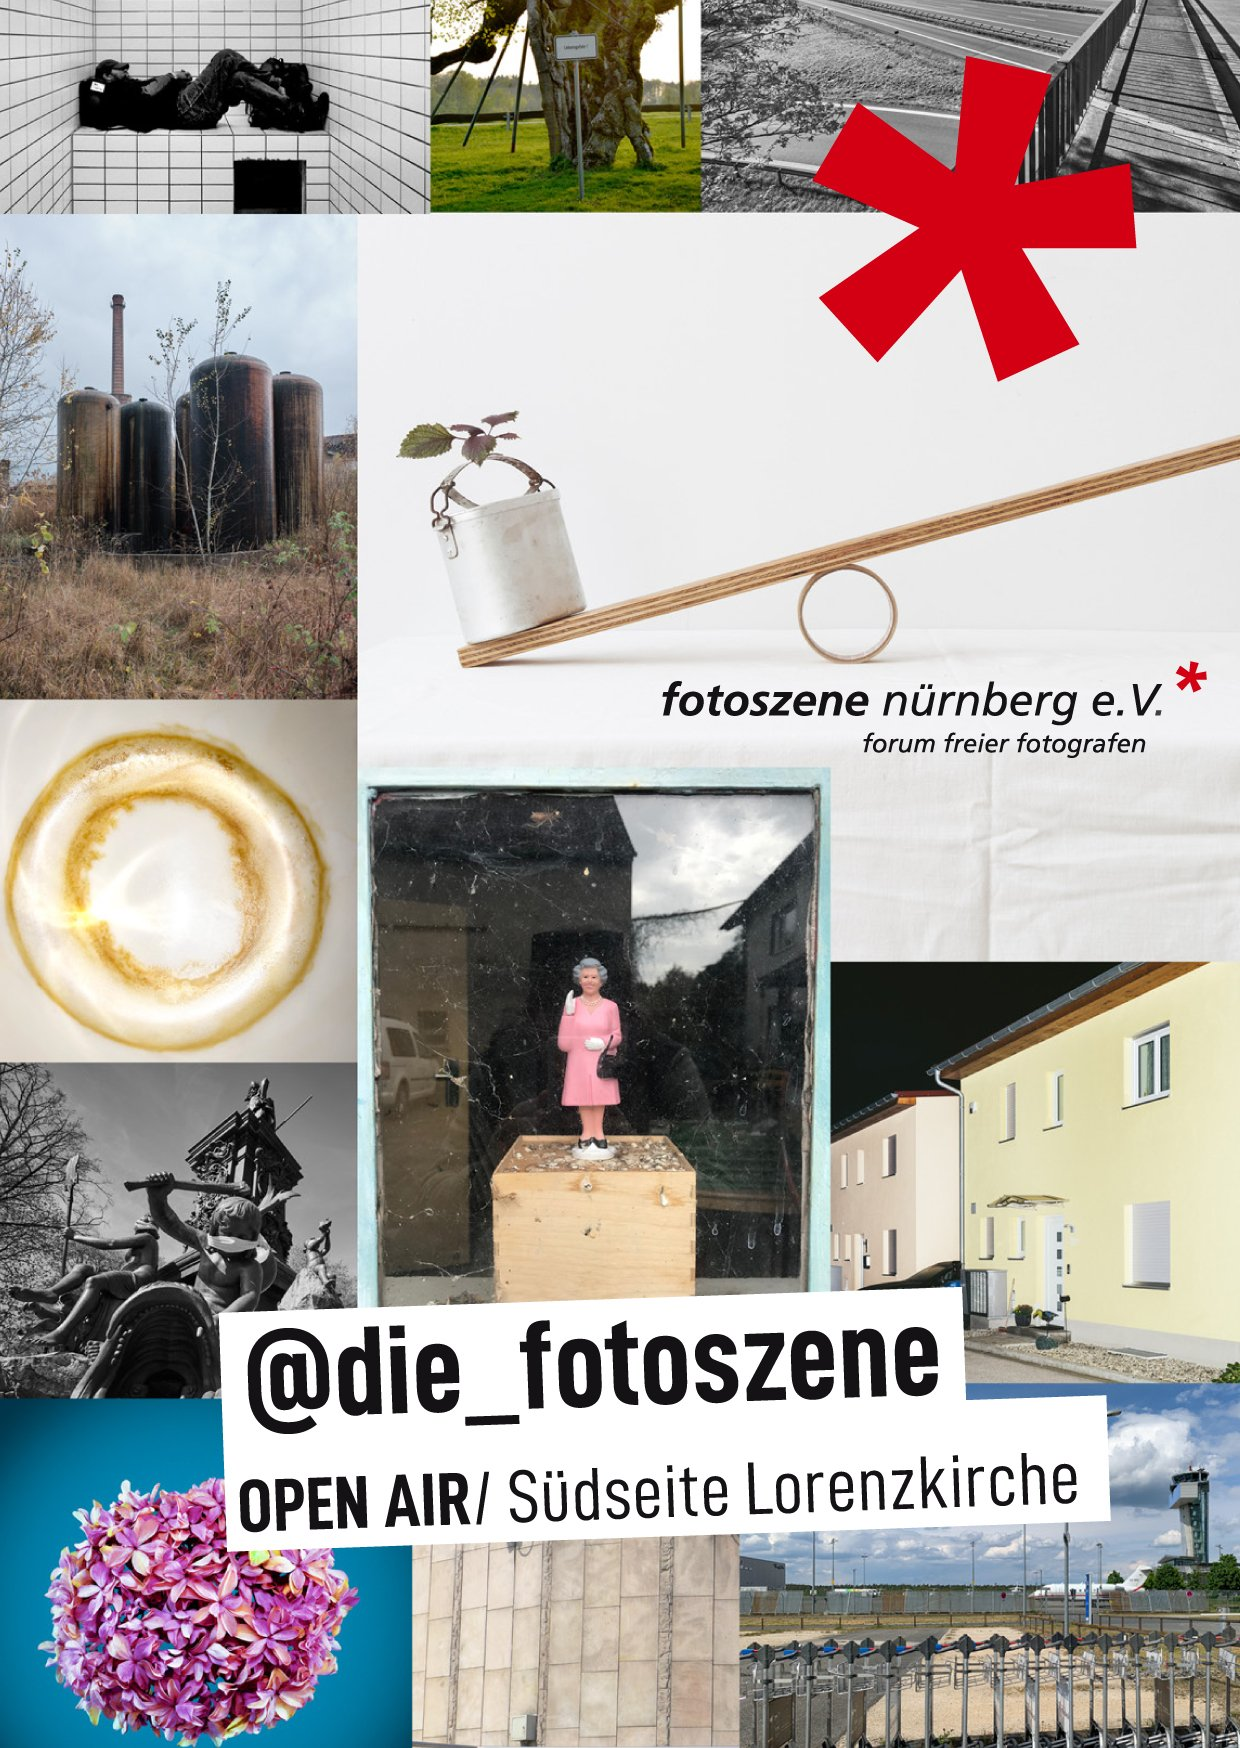 @fotoszene OPEN AIR